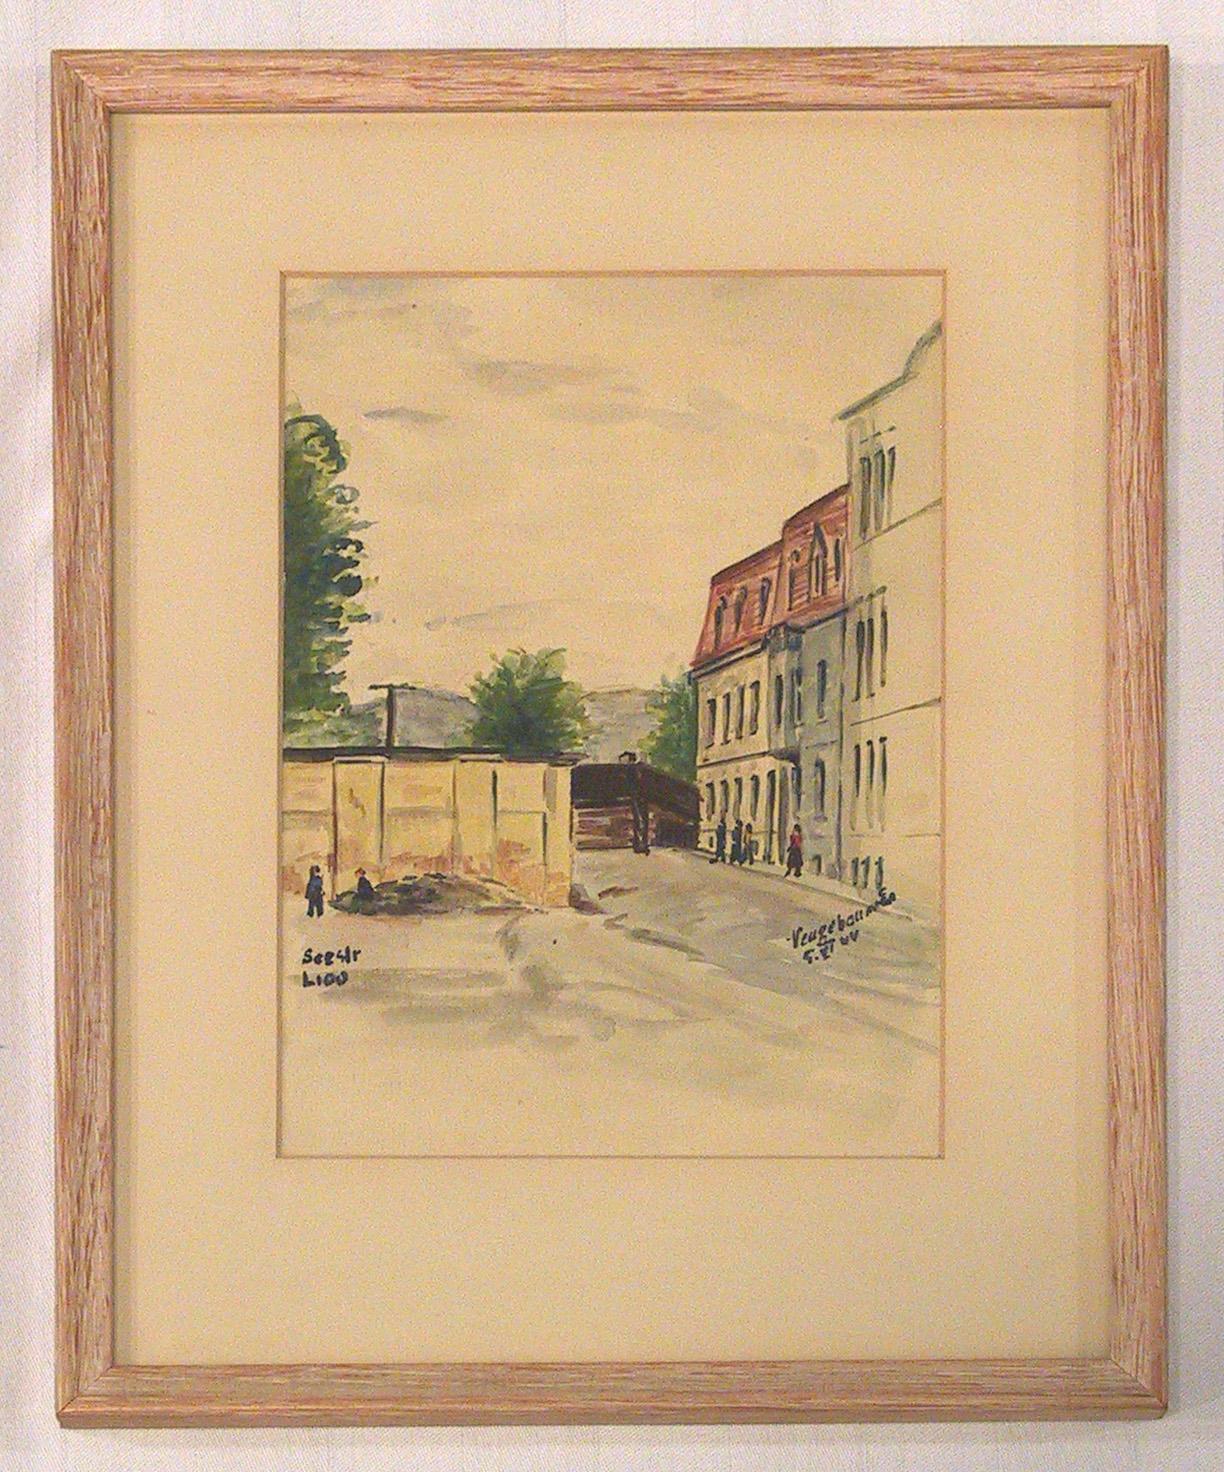 Le Bloc L du ghetto de Theresienstadt peint par Edvard Neugebauer pour la propagande allemande.